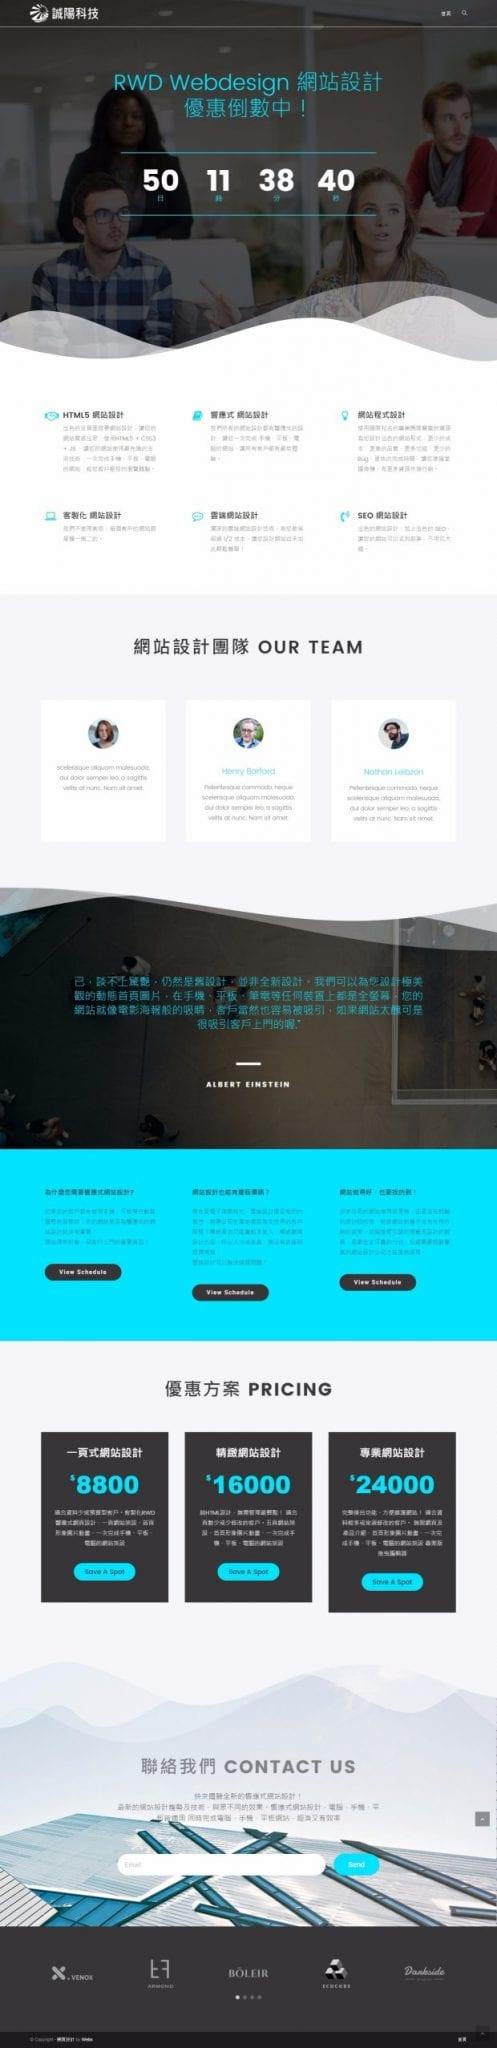 網頁設計-風格12-1